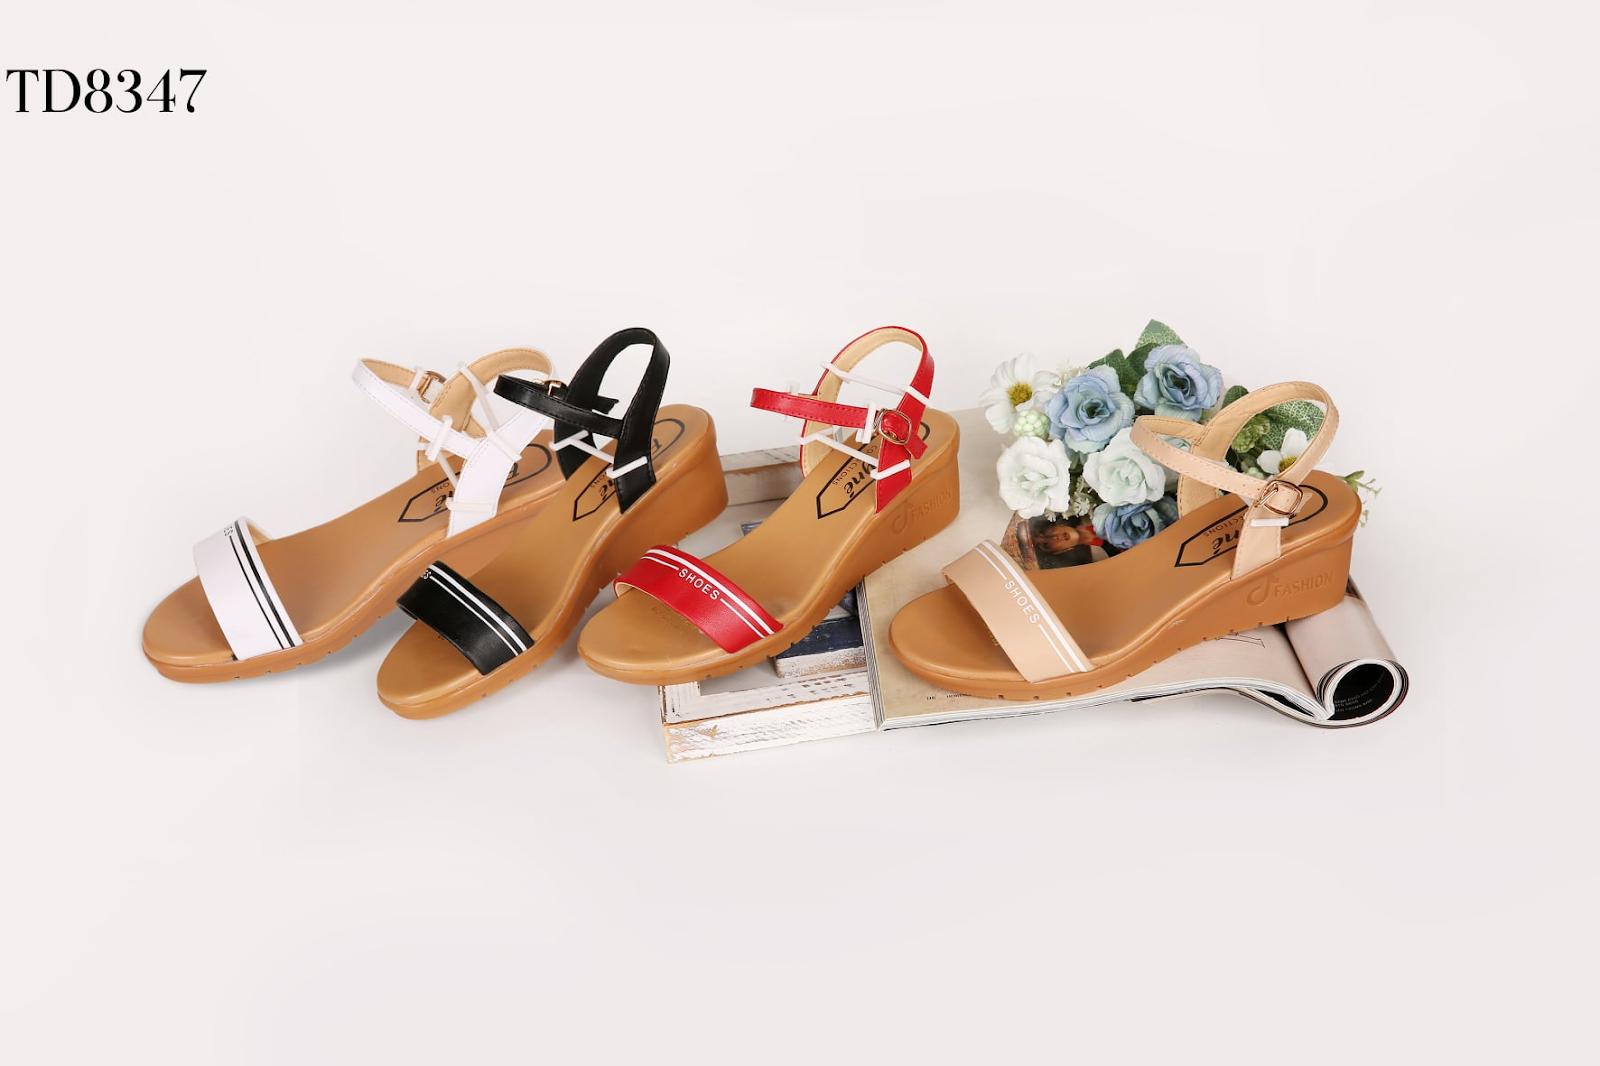 Vì sao nhiều người tìm tới nguồn sỉ giày cao gót Thienhuongshoes đến thế?